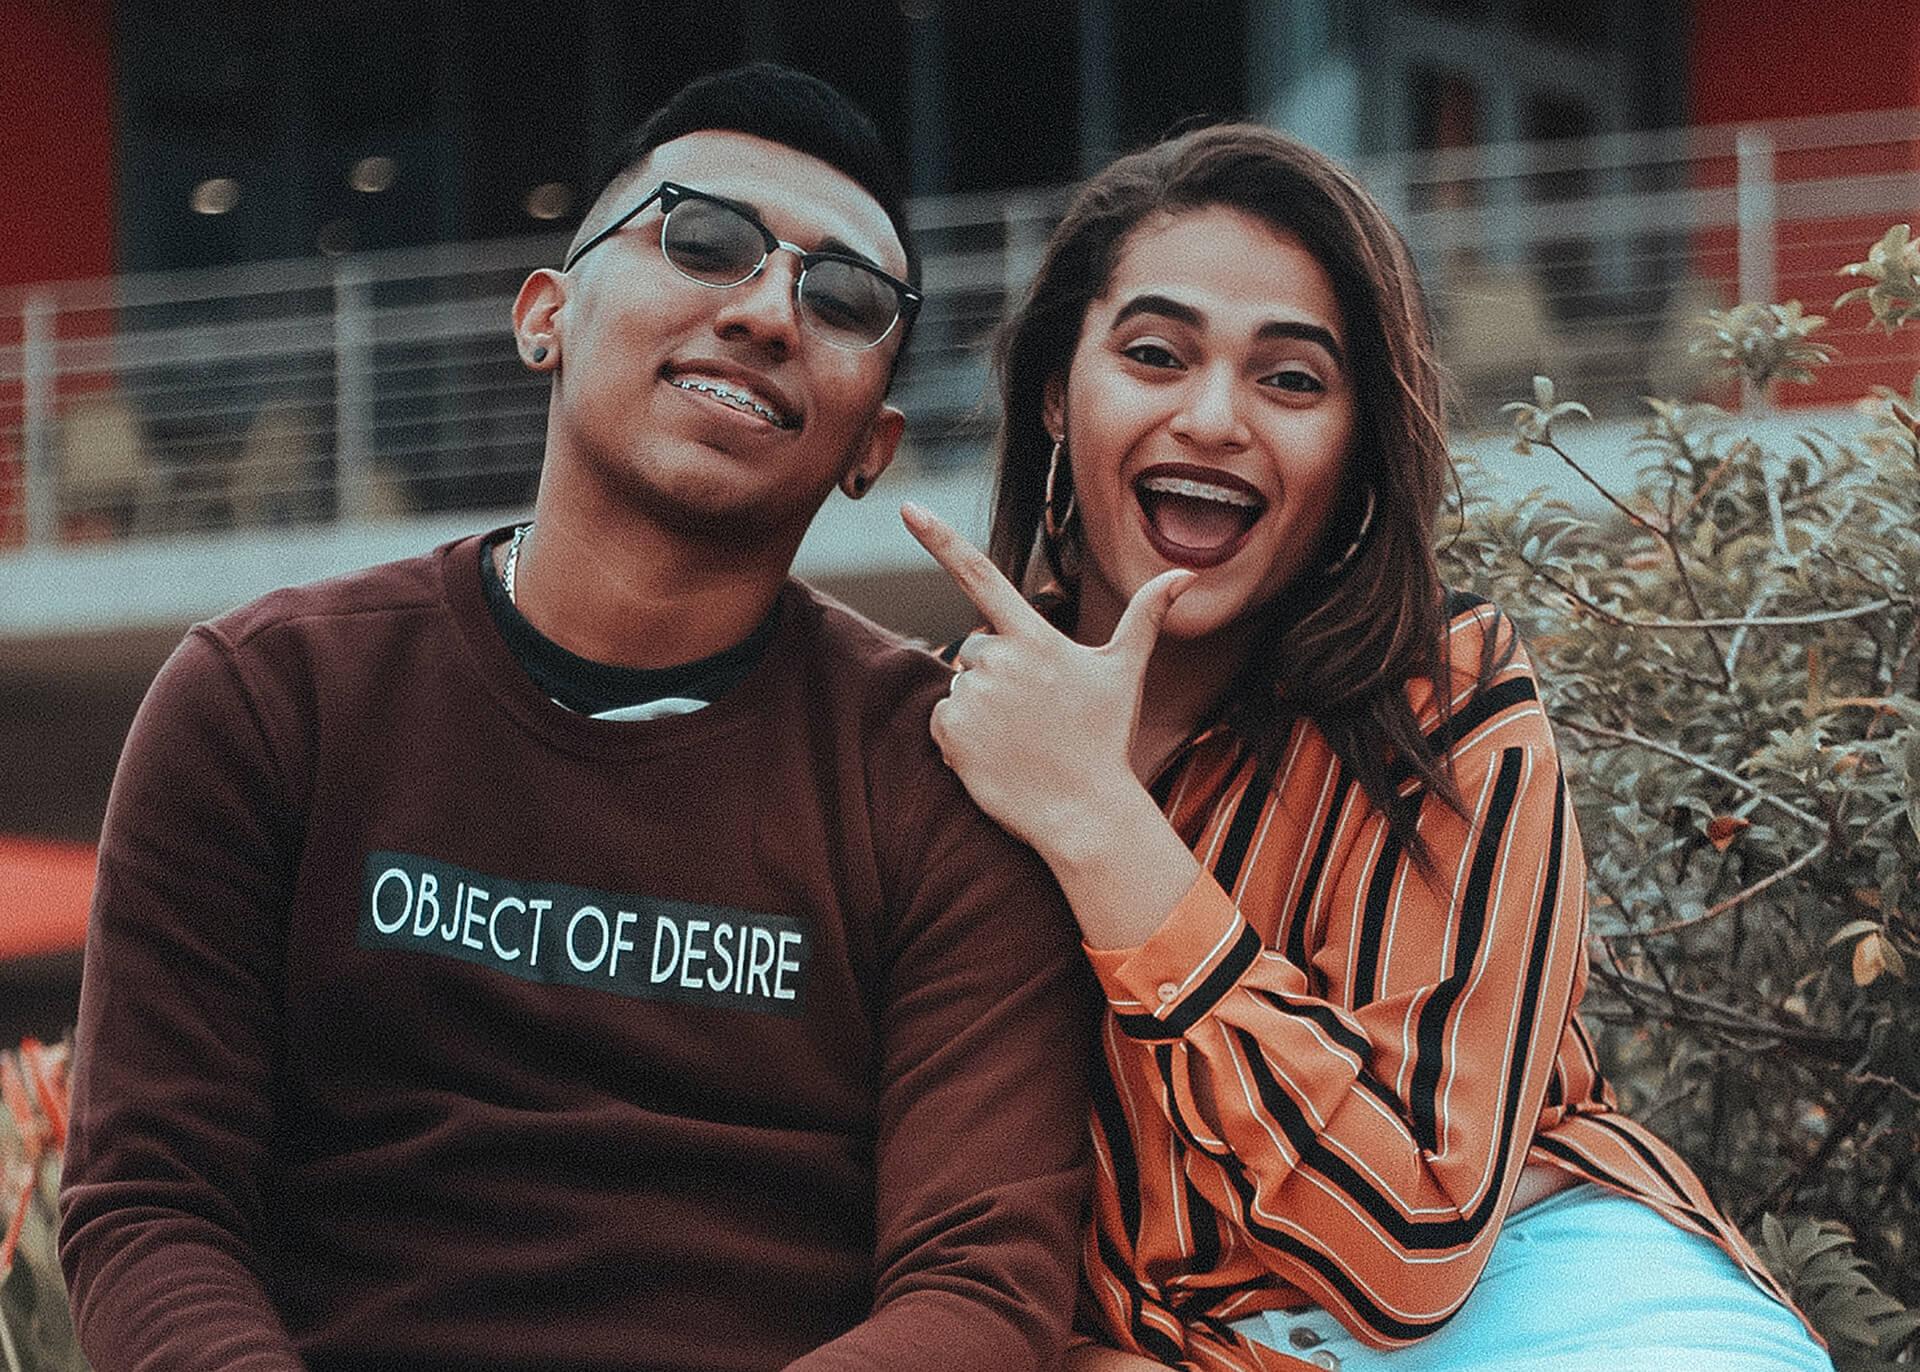 cheeky couple